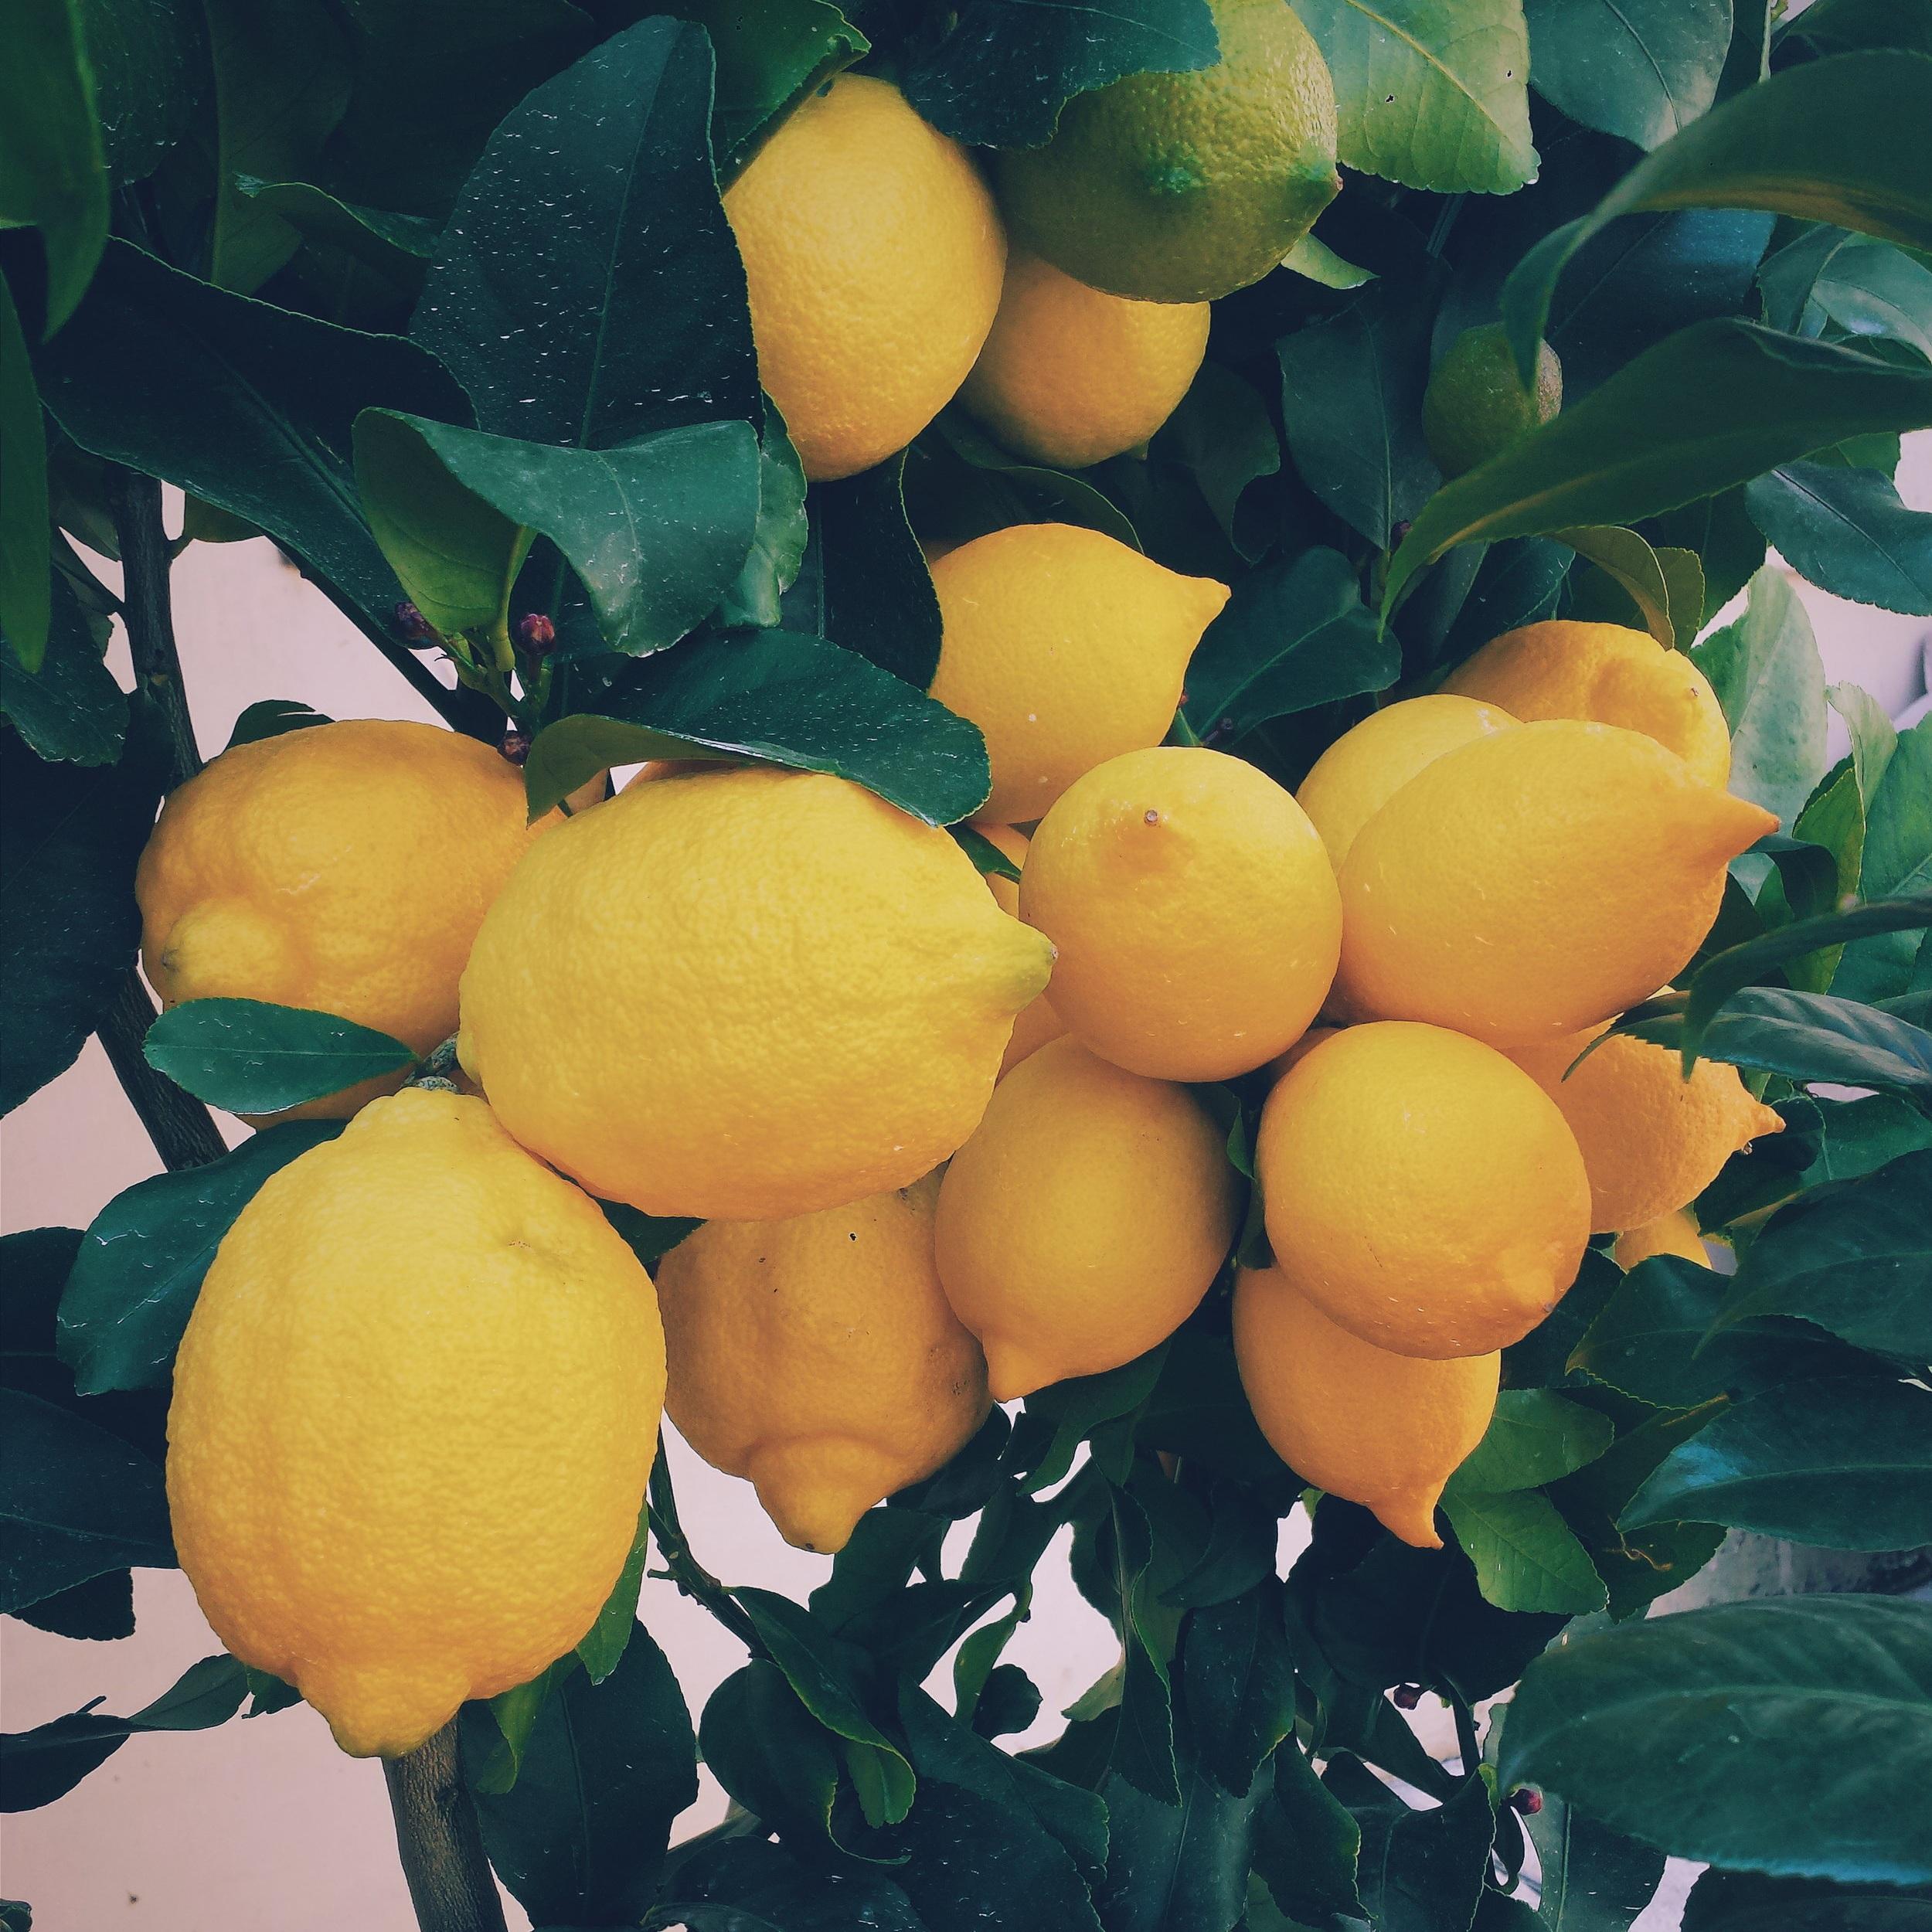 fresh-florida-lemons.jpg